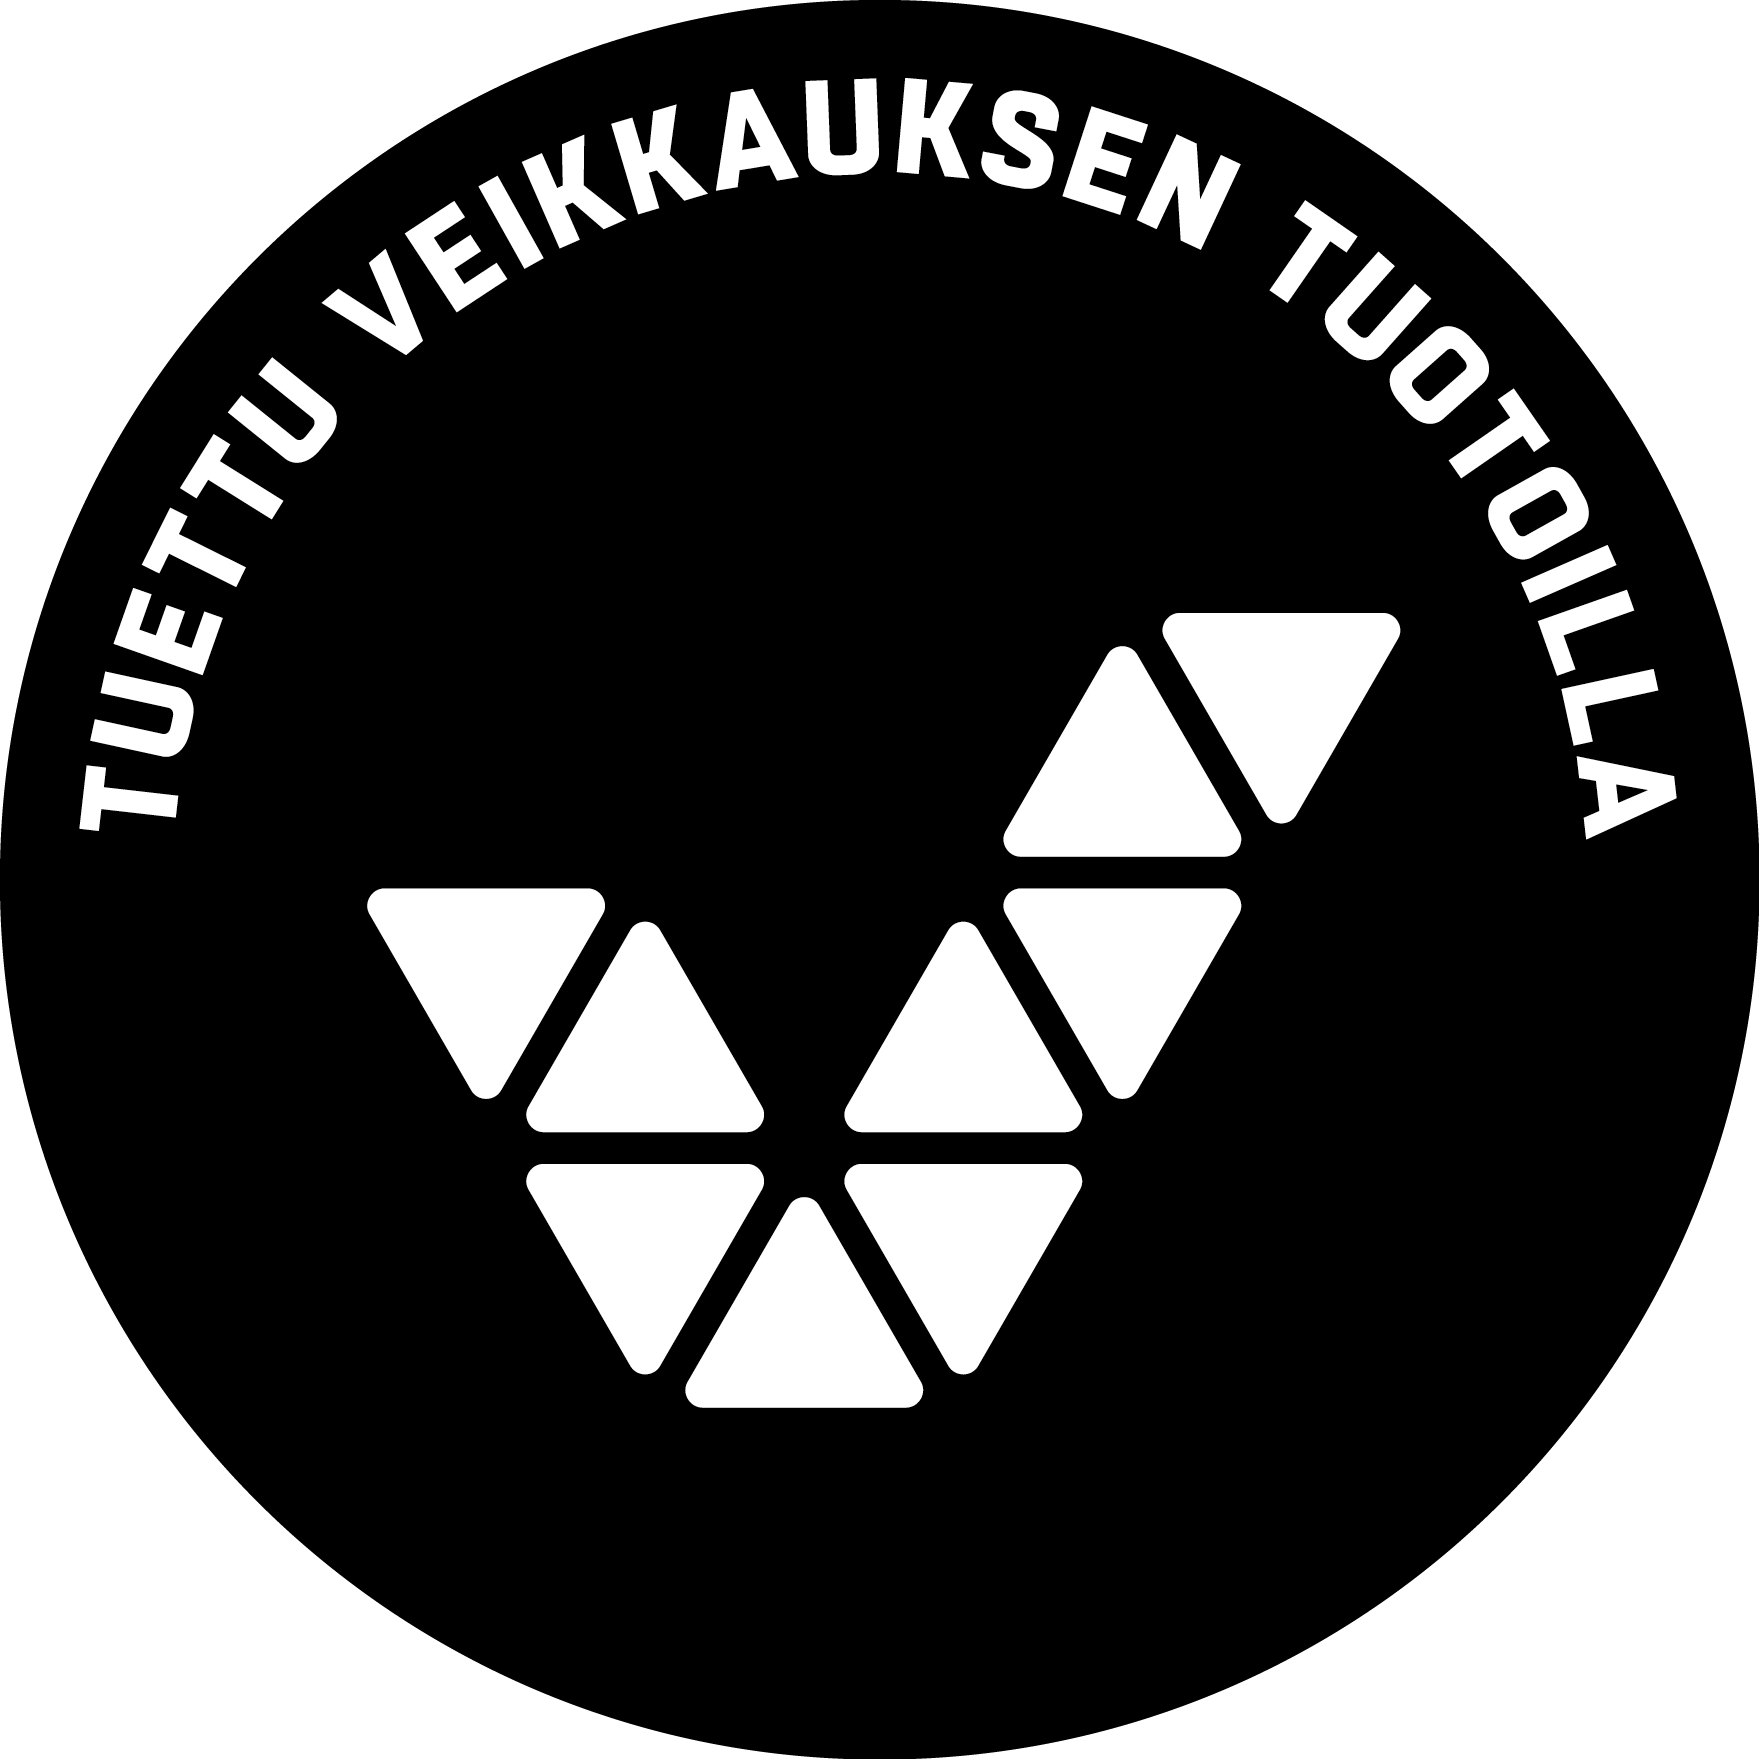 """Veikkauksen logo ja teksti """"Tuettu Veikkauksen tuotoilla""""."""